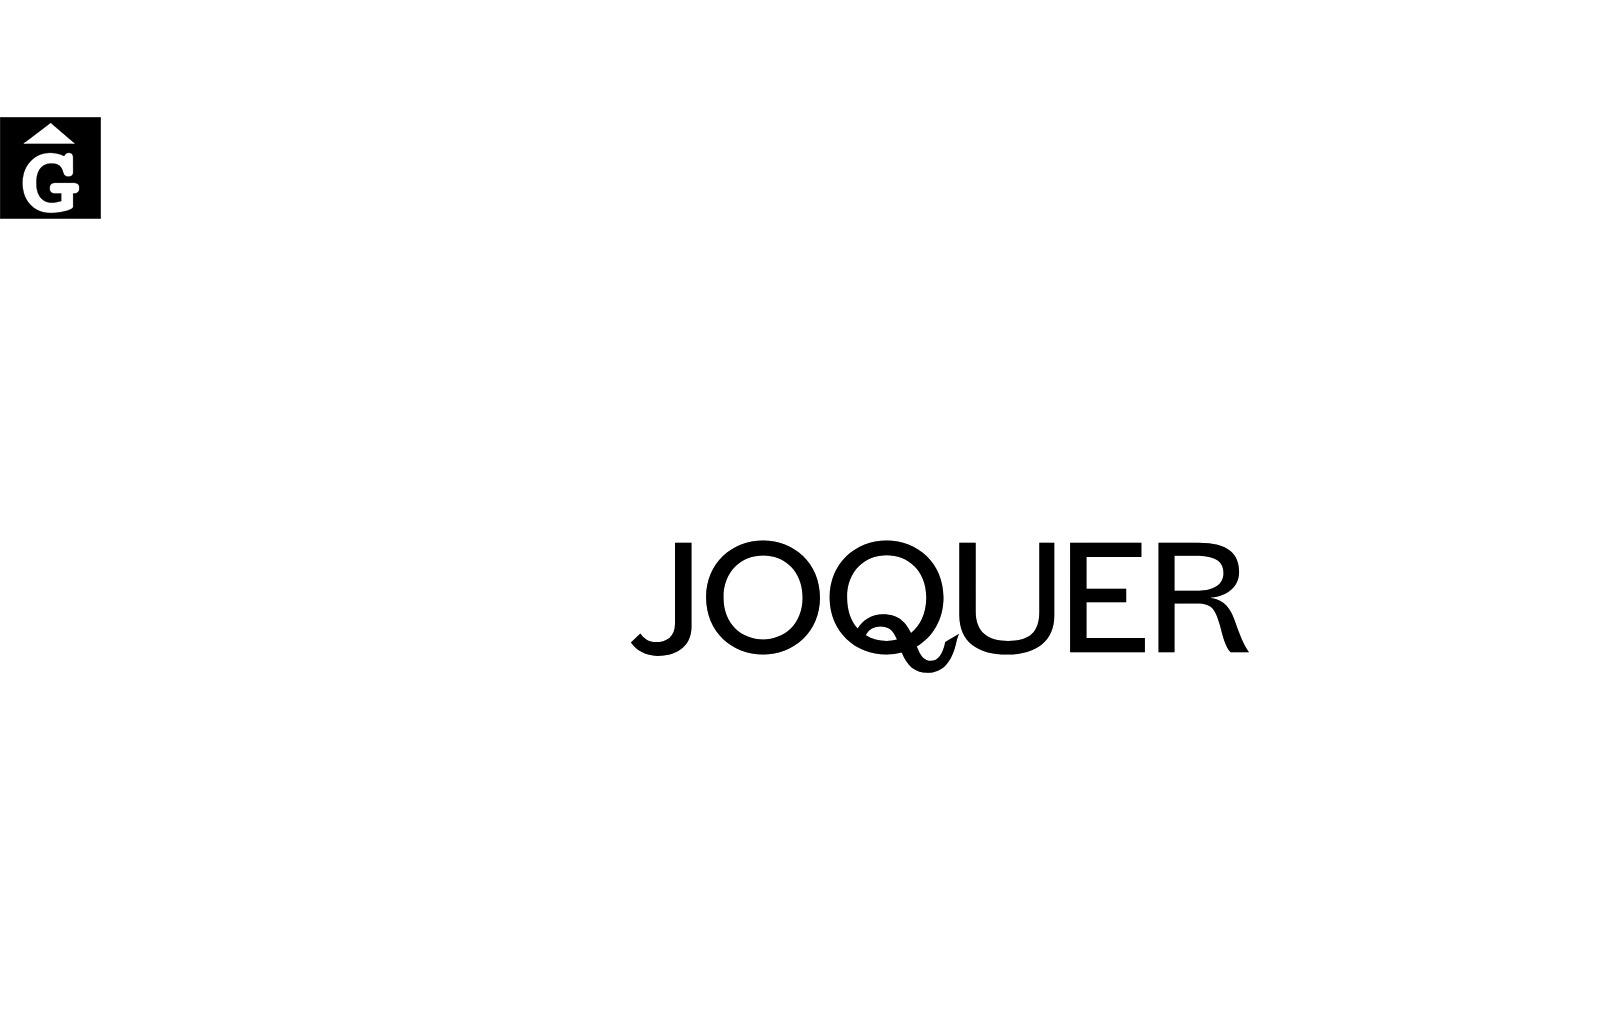 Joquer és una marca de la nostra botiga Porqueres – Girona mobles Gifreu